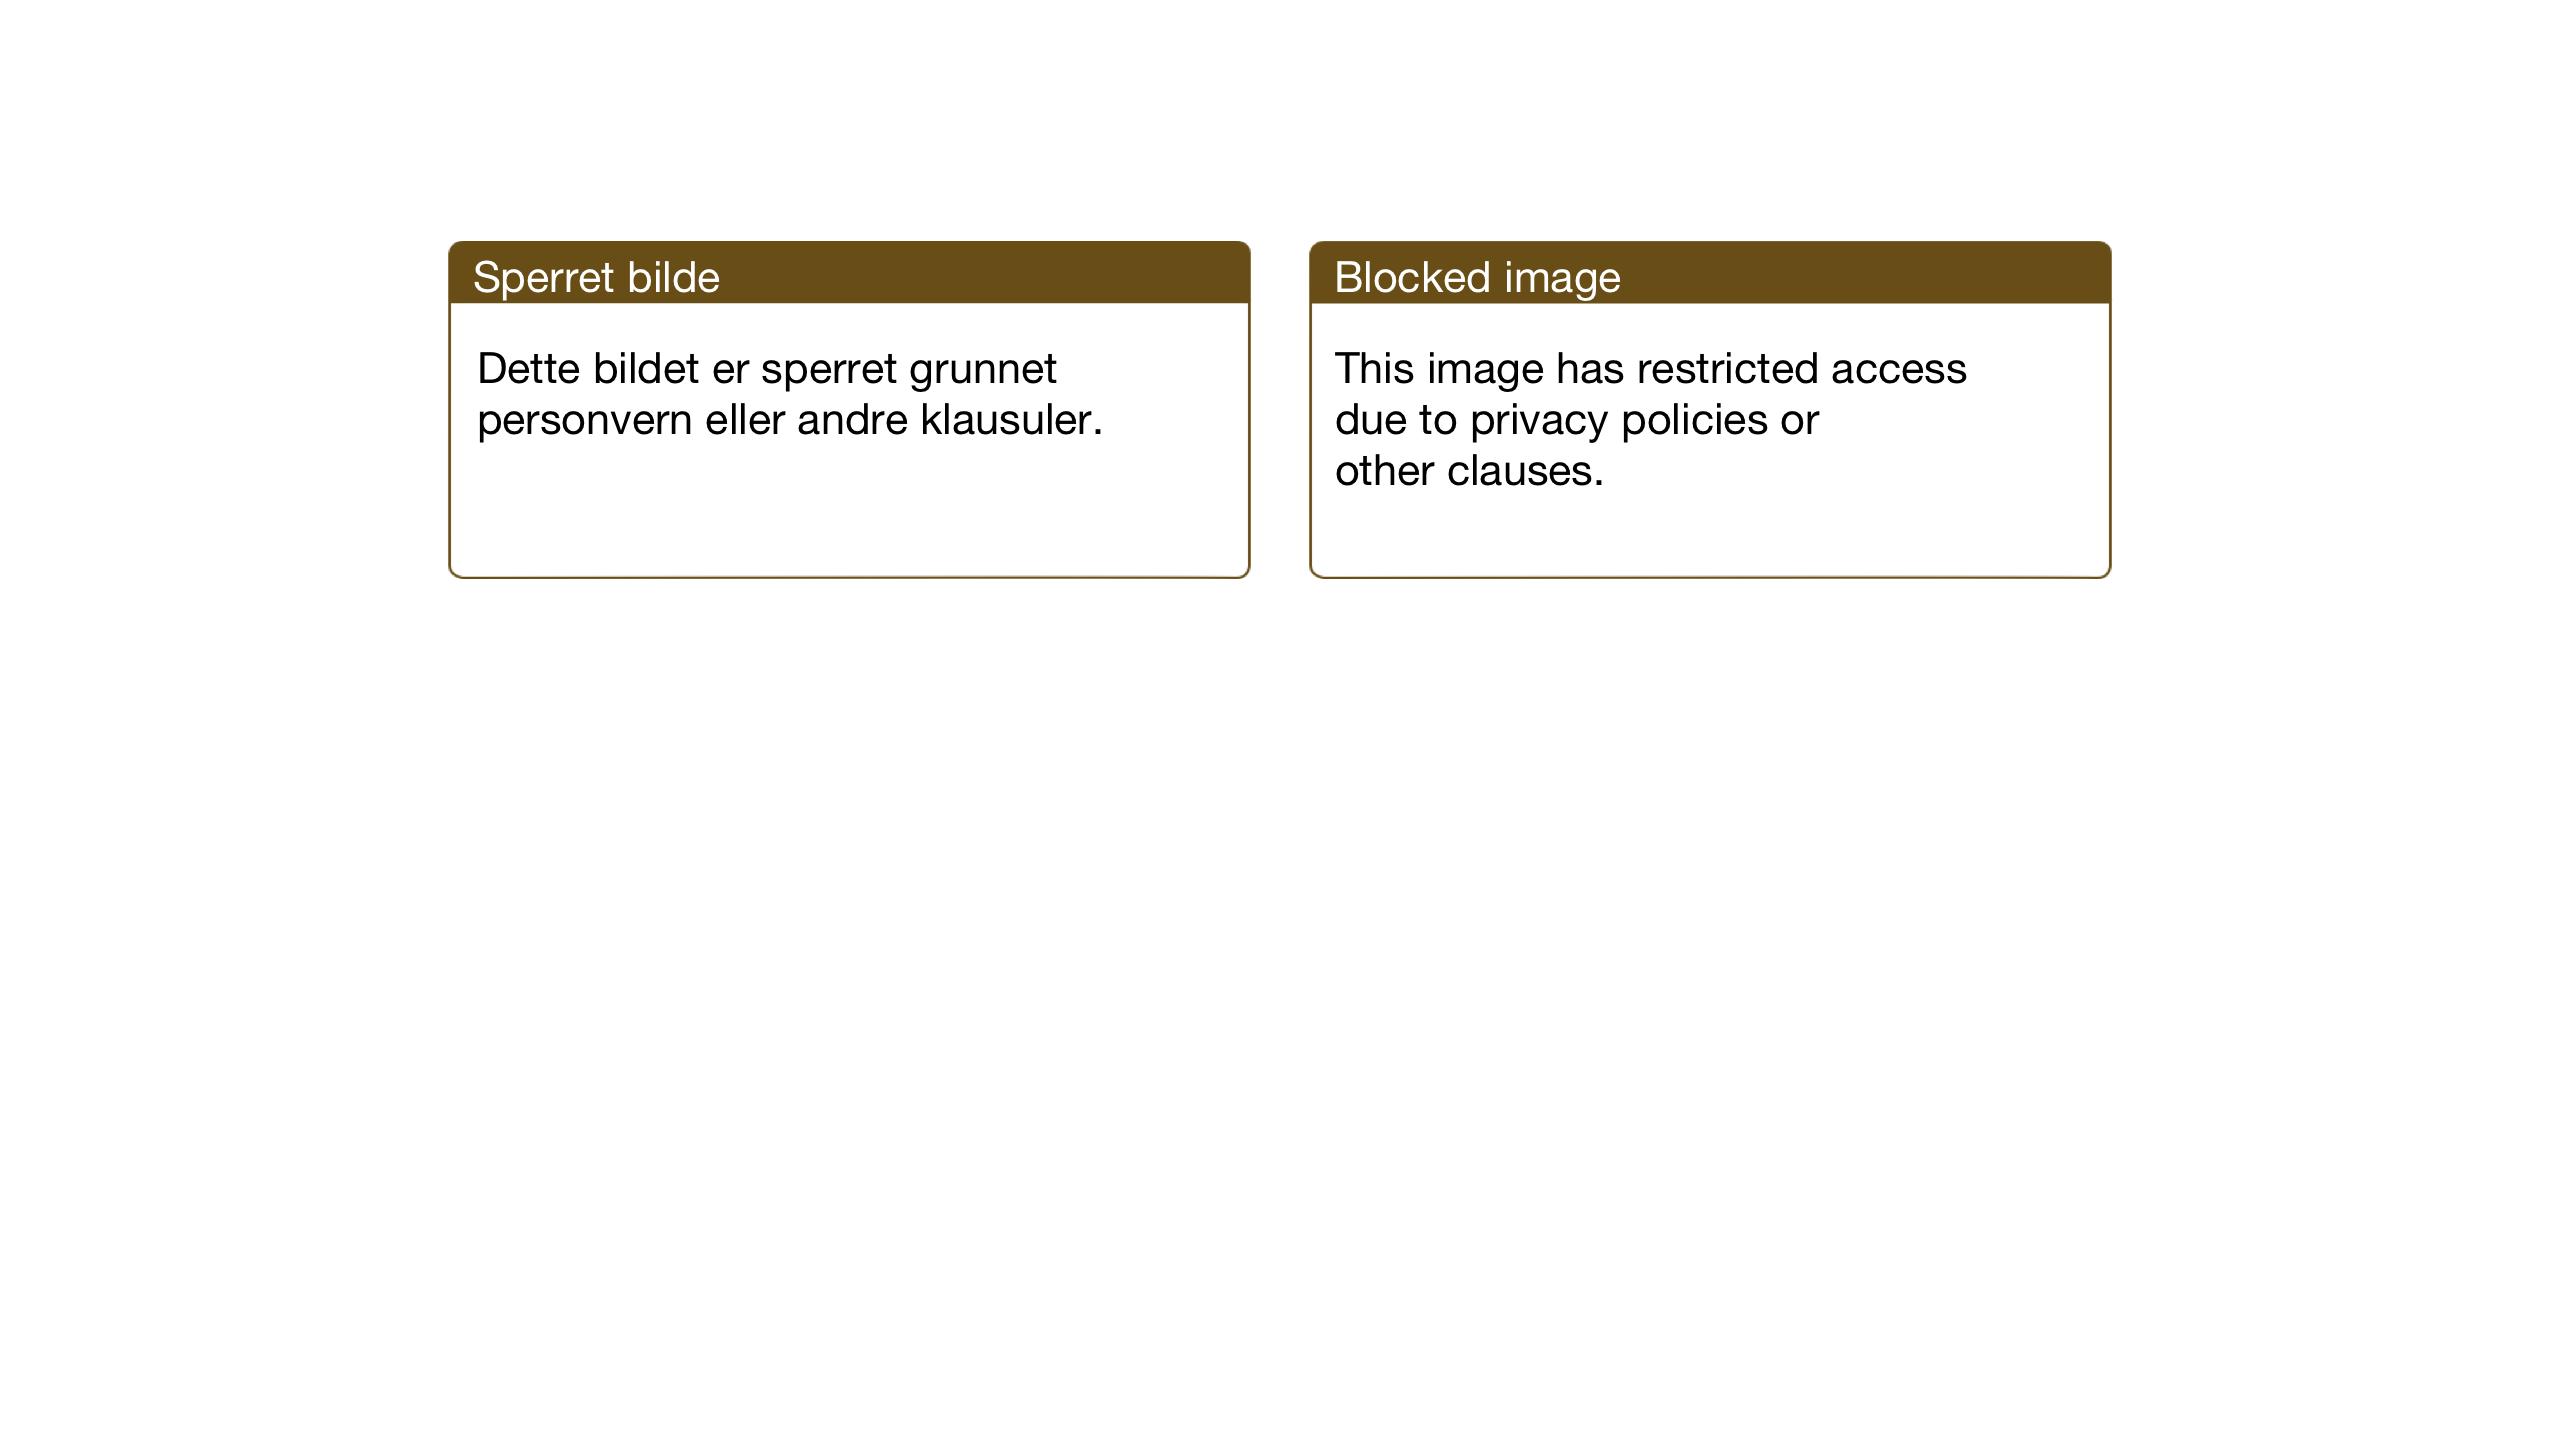 SAT, Ministerialprotokoller, klokkerbøker og fødselsregistre - Nord-Trøndelag, 710/L0097: Klokkerbok nr. 710C02, 1925-1955, s. 30